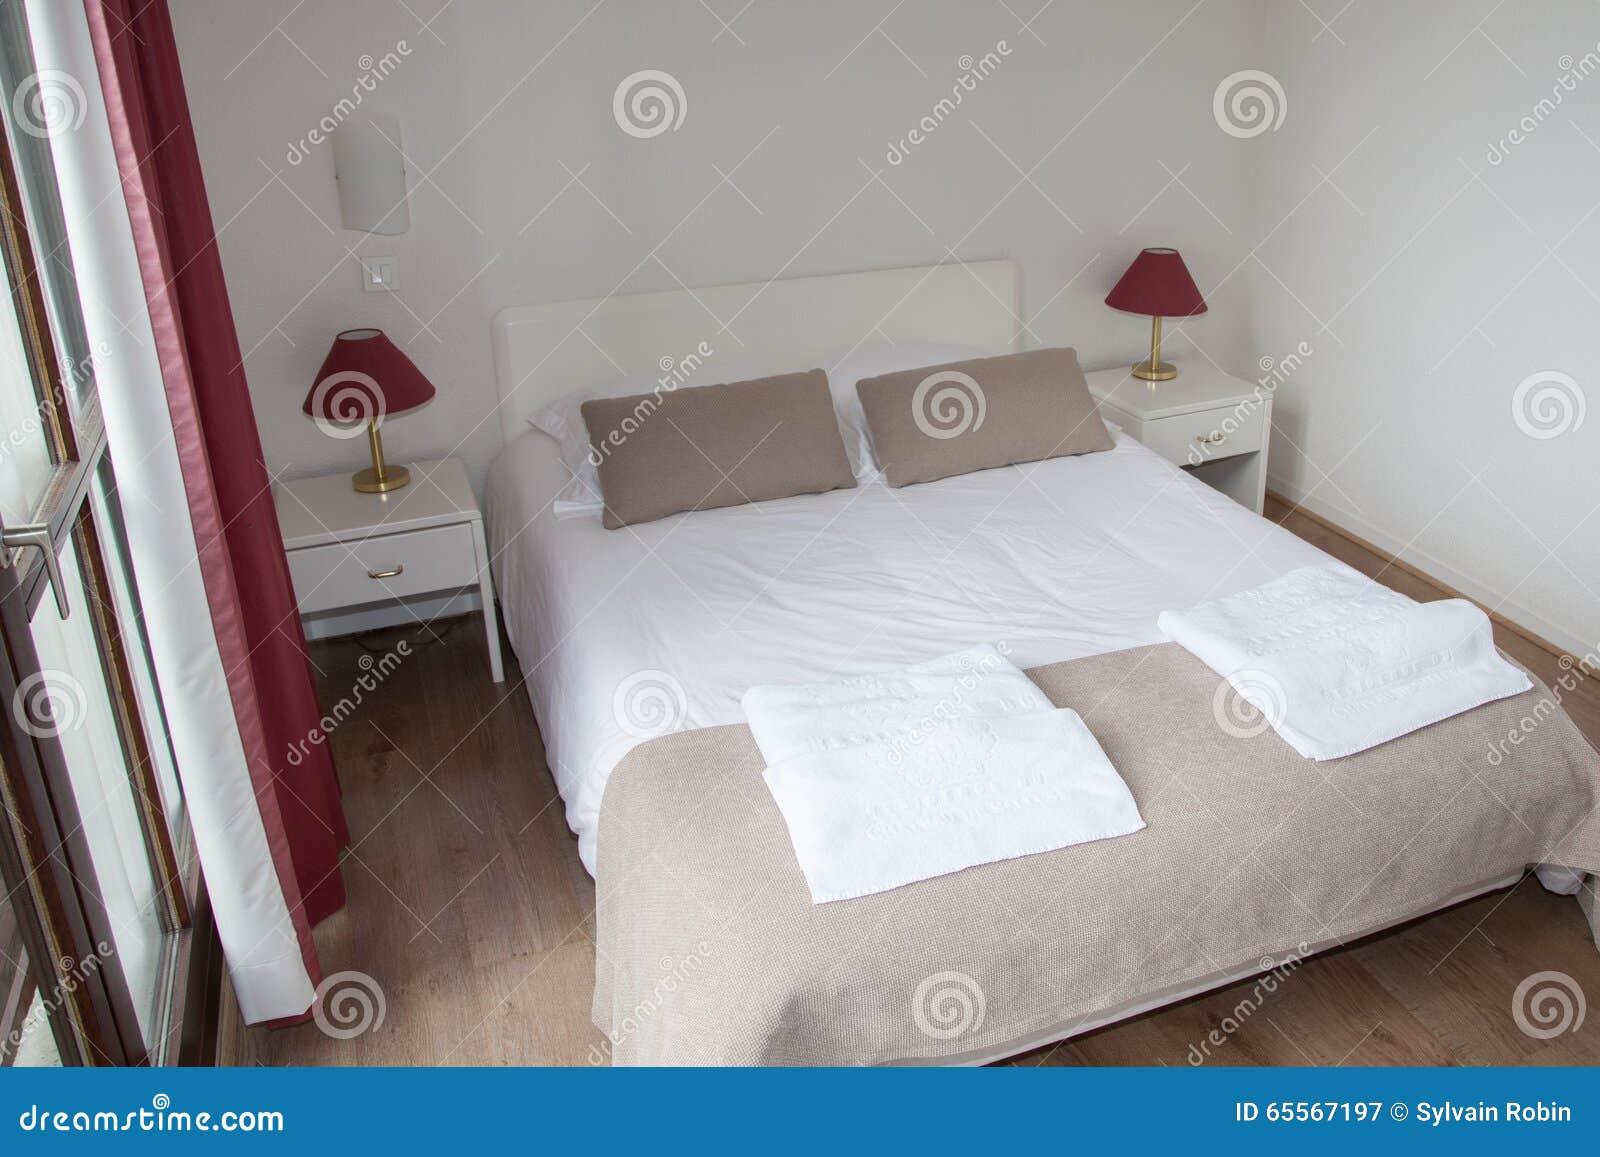 Lampadario Camera Da Letto Matrimoniale : Letto matrimoniale nella camera da letto con la lampada di